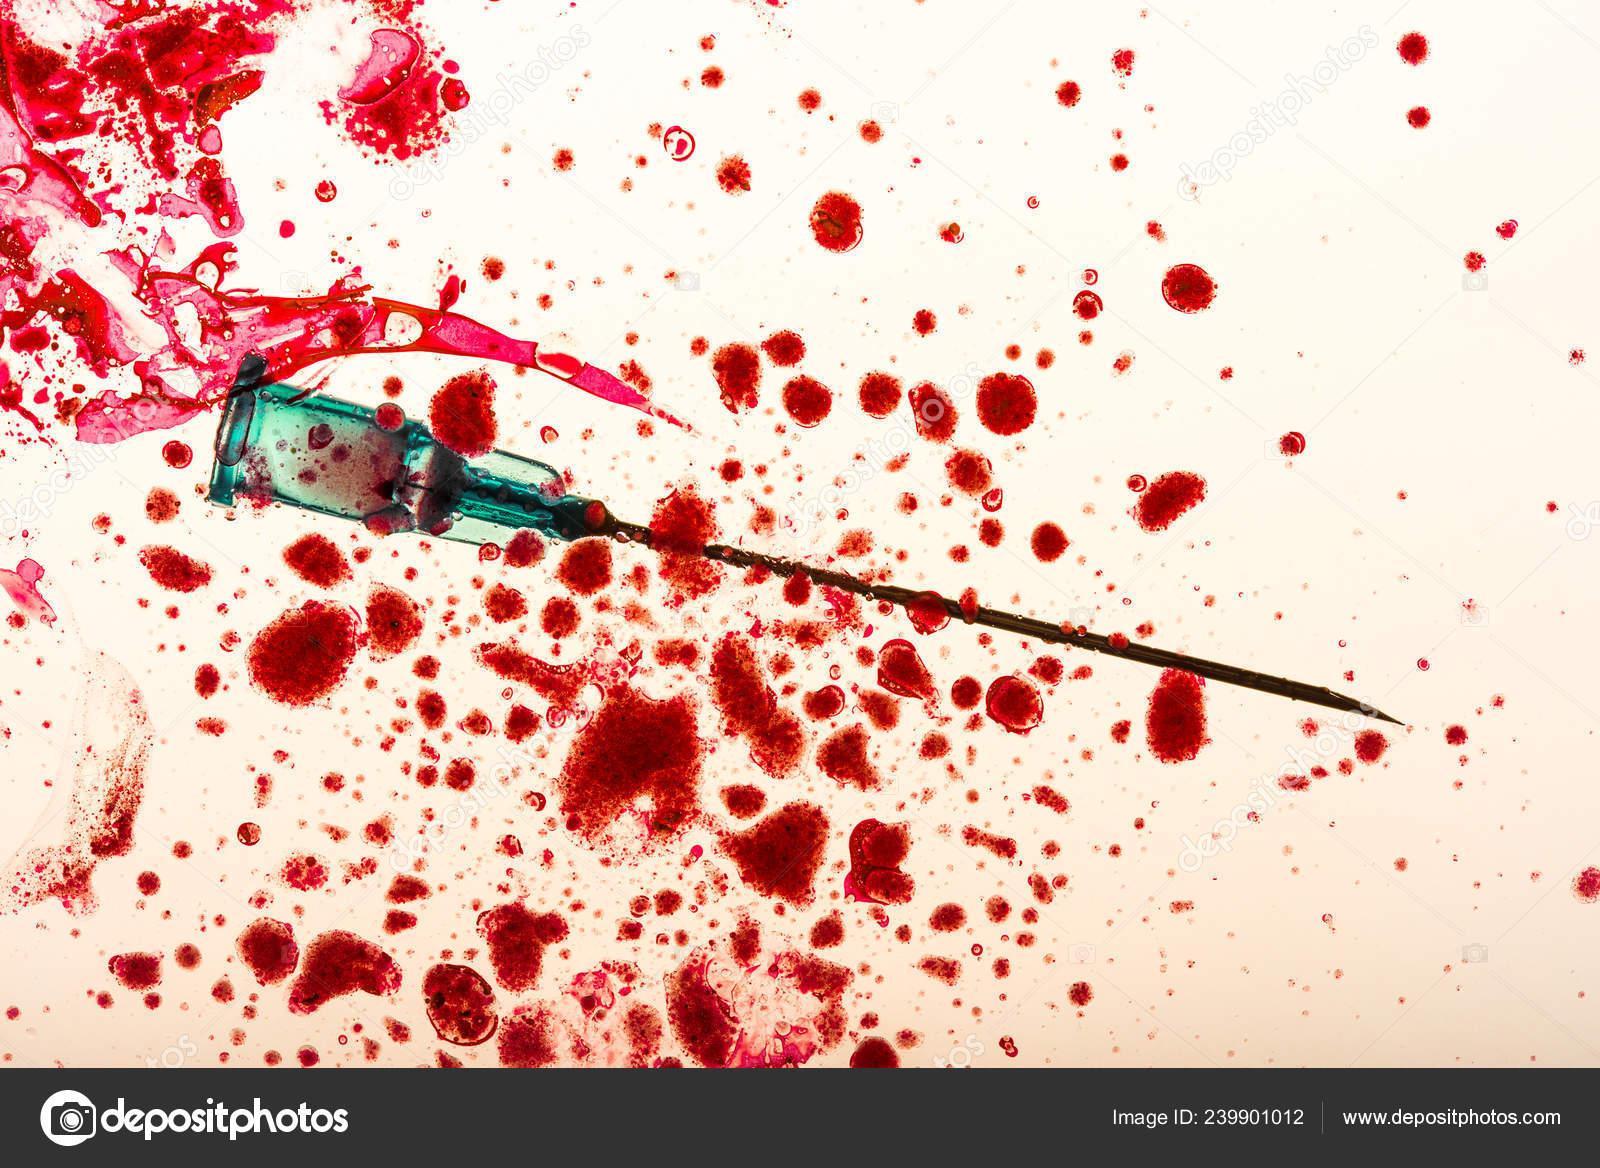 Игла с кровью картинки